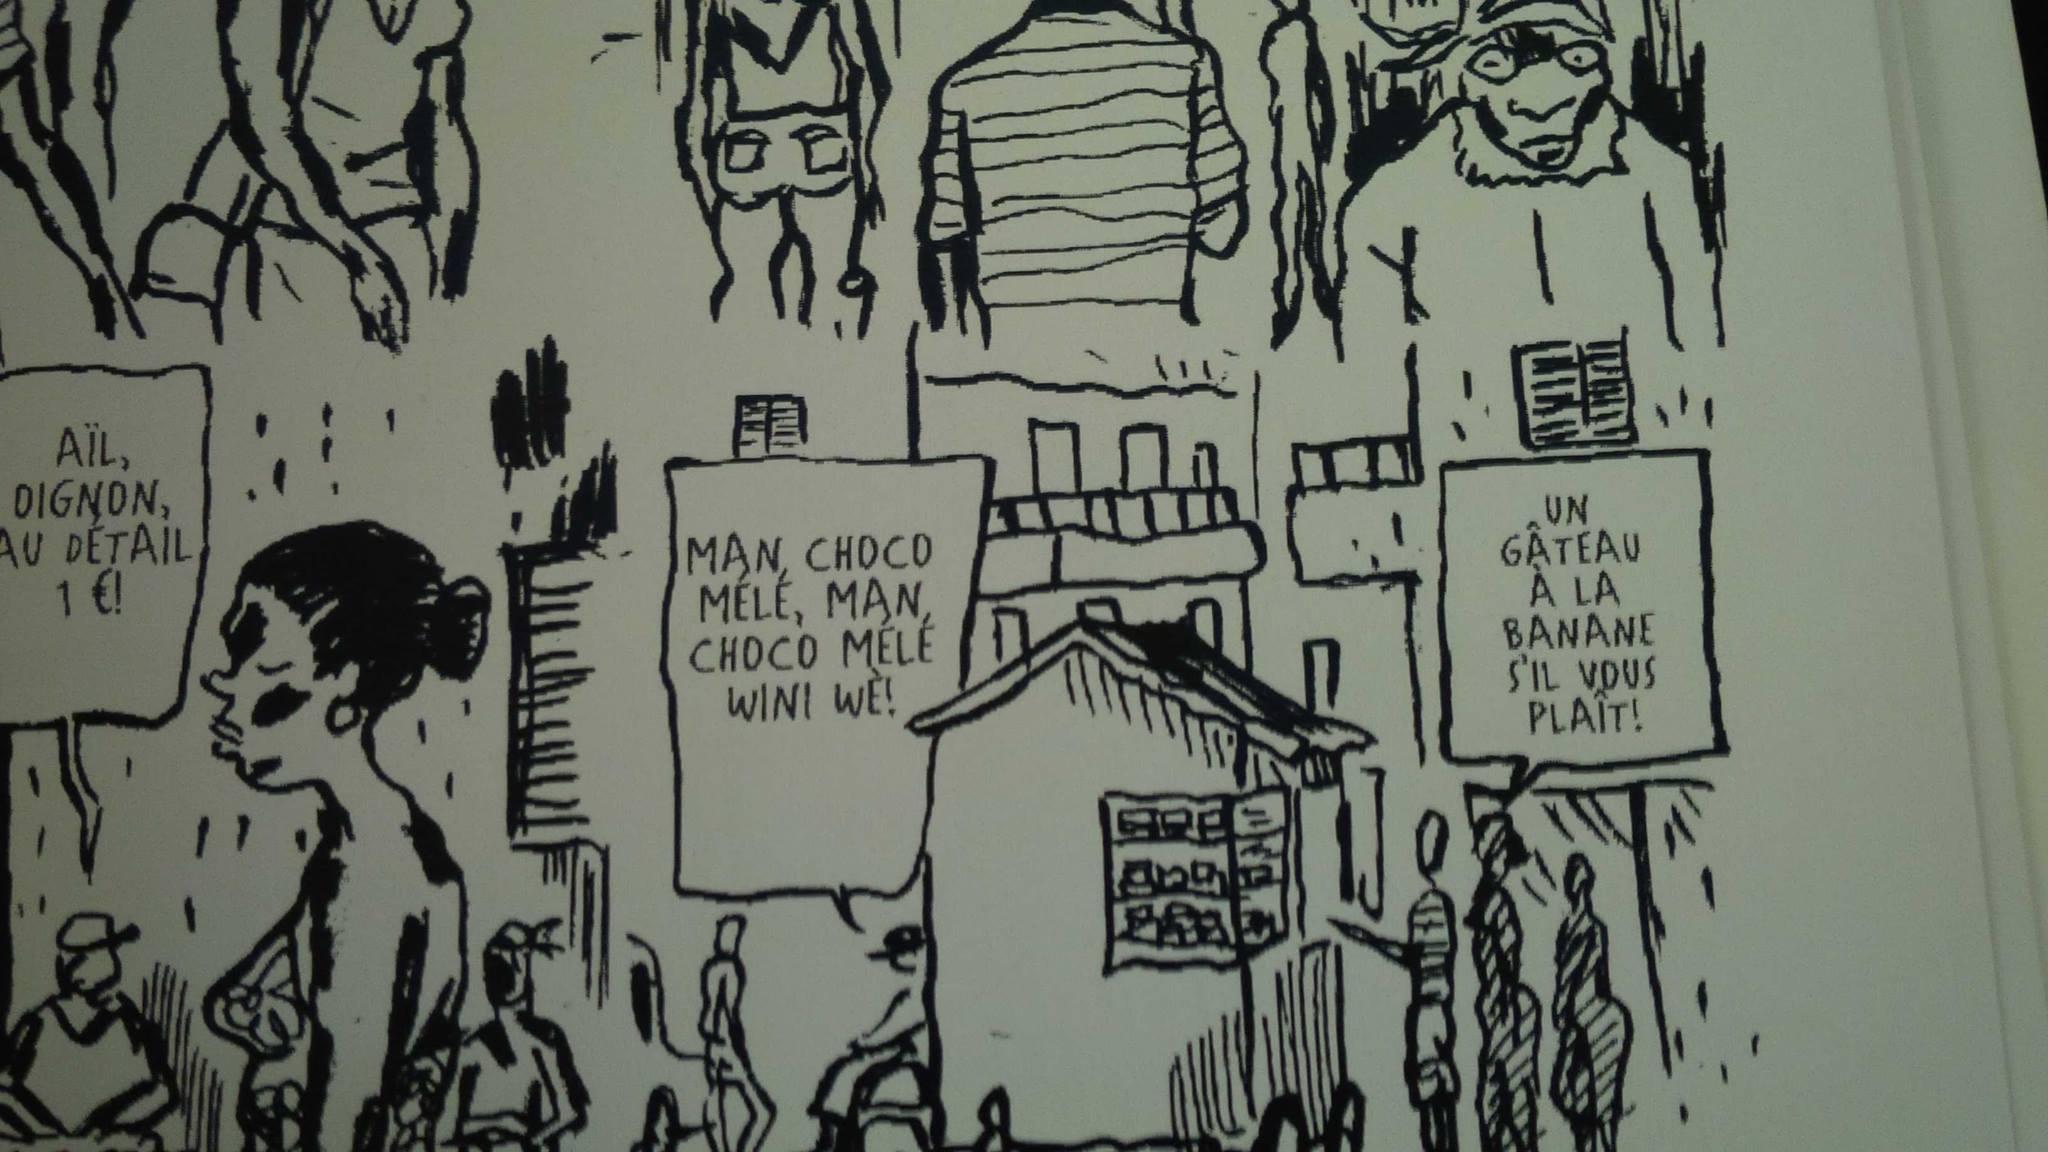 """Man coco, m'a inspiré cette case dans la BD Eleanor (prix de la BD alternative - turkey 16 - Angoulême 2008). """"Man coco mélé"""" vive Man Coco... jack exily"""